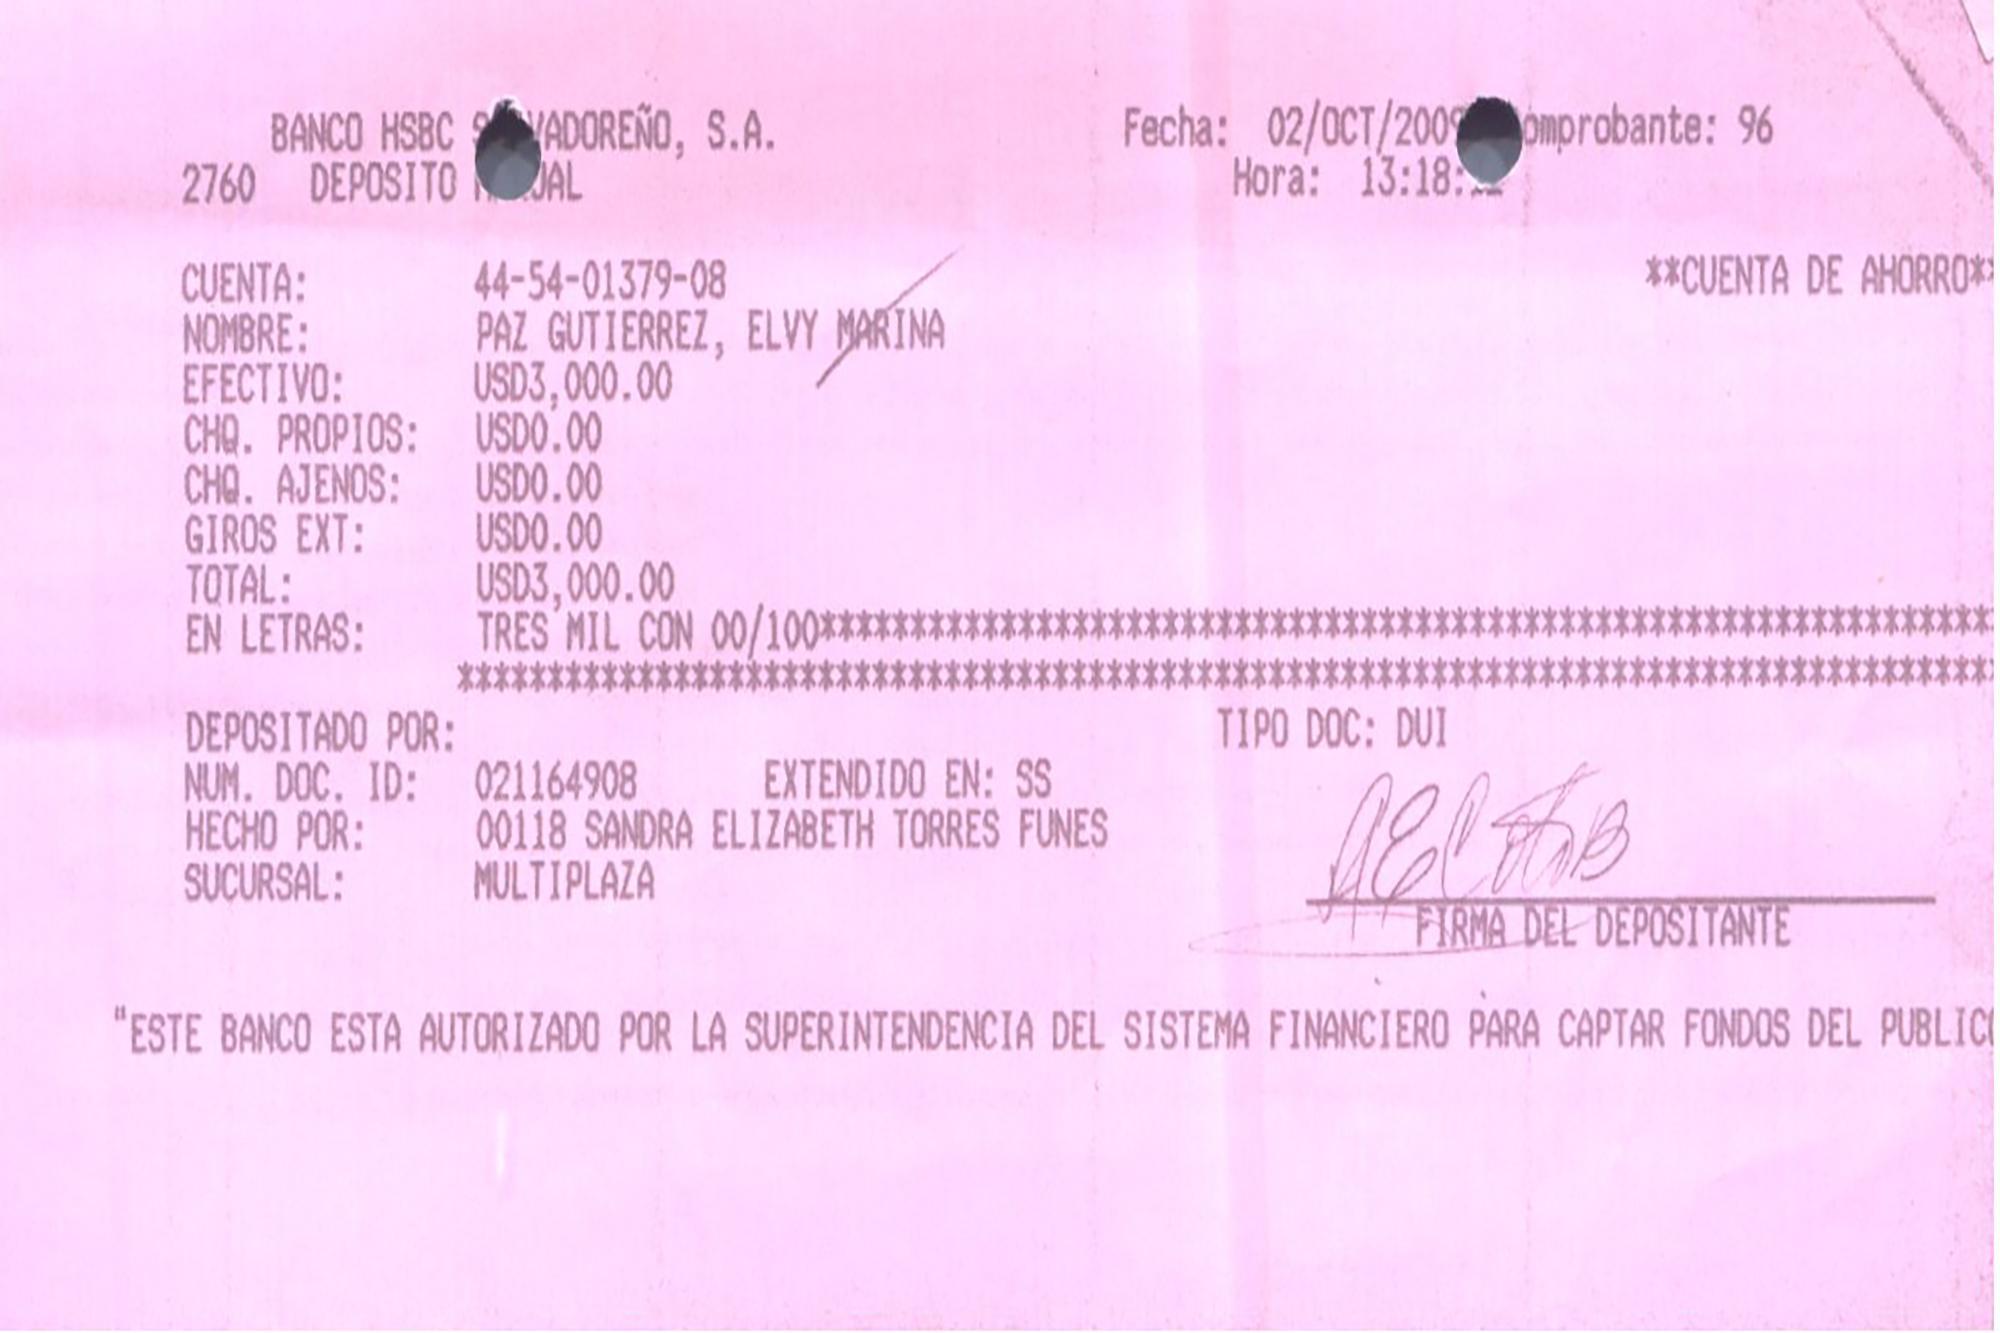 Esta nota de abono original contiene el número de DUI y la firma de Ana Elizabeth Coto, una empleada de la Secretaría Privada de la Presidencia de Mauricio Funes que ahora guarda prisión preventiva. Coto depositó $3,000 a la cuenta de Elvy Paz, la madre de una de las hijas del expresidente. Paz es prófuga. El Faro tuvo acceso a 52 notas de abonos realizados por empleados de Casa Presidencial a favor de la cuenta de Paz. Funes y Paz se conocieron en Canal 12, cuando el expresidente trabajó ahí como periodista. El 7 de abril de 2007 tuvieron una hija, cuando Funes estaba casado con Pignato. Funes ocultó este amorío y esta hija durante su campaña presidencial y su mandato.